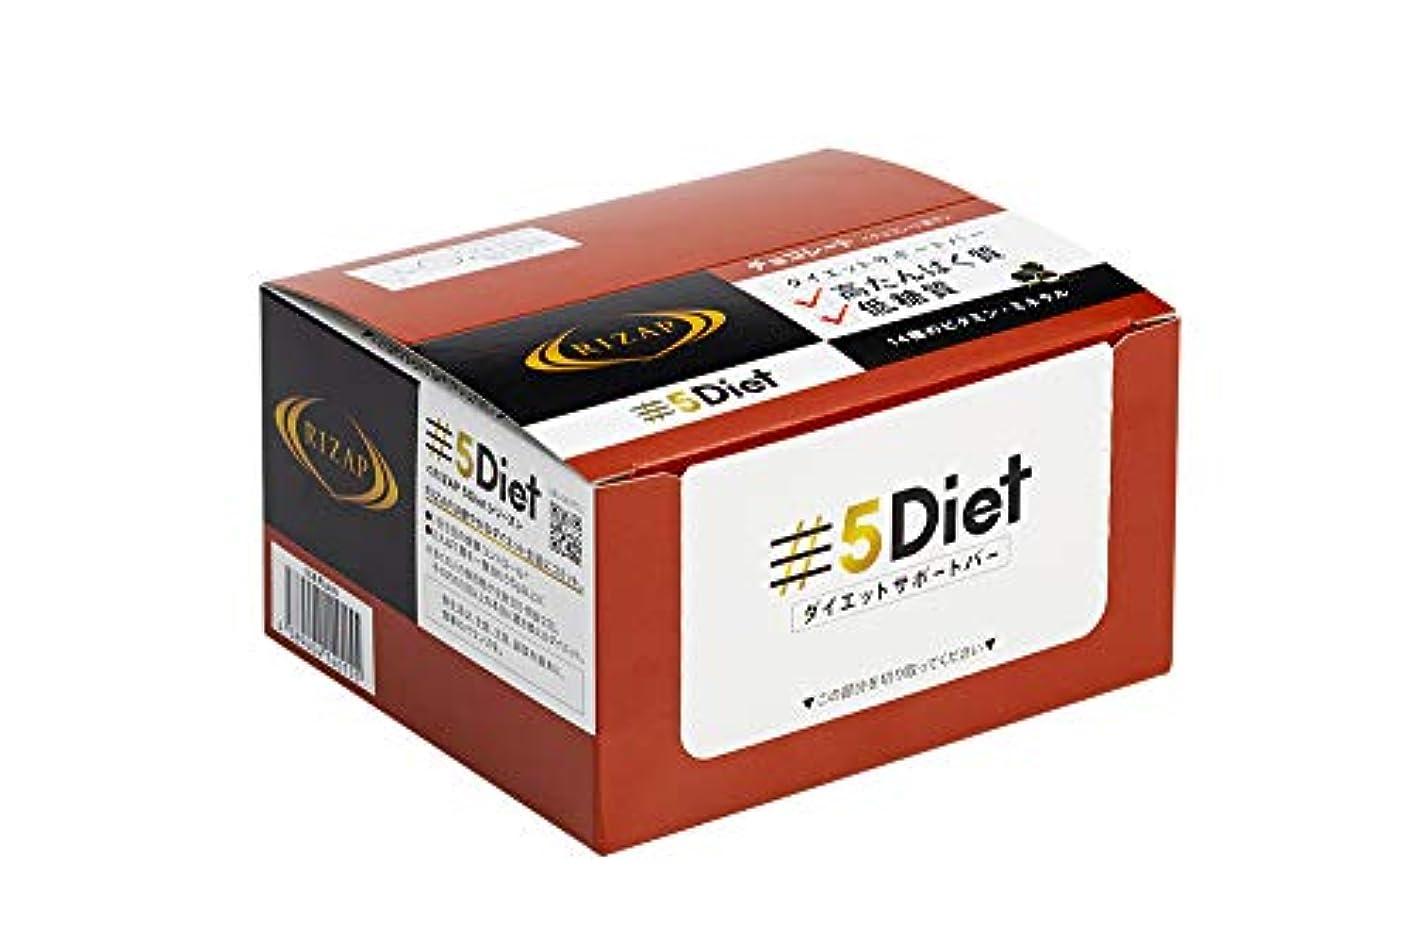 シャイ舗装に対してRIZAP 5Diet サポートバー チョコレート味 12本入×1箱